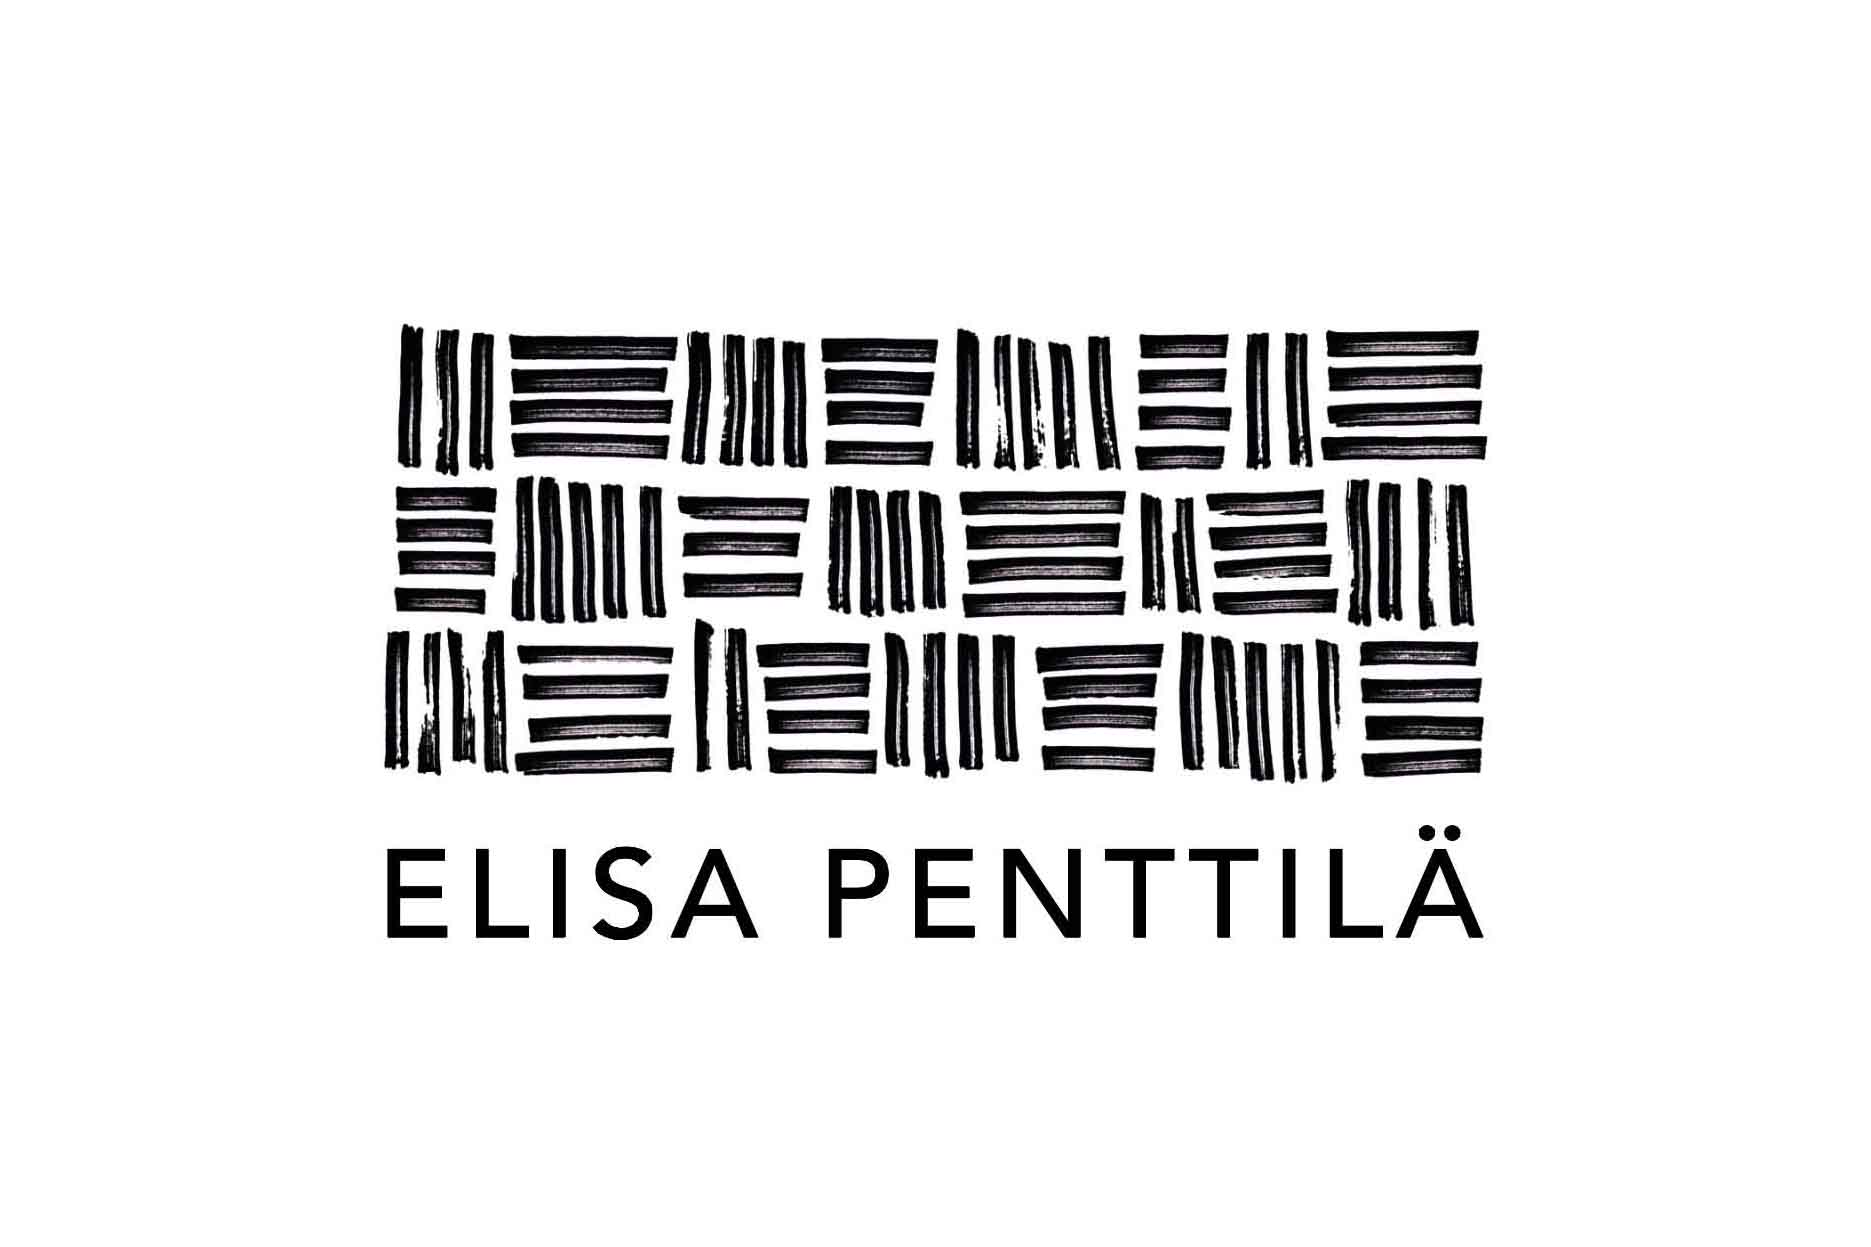 ELISA PENTTILÄ